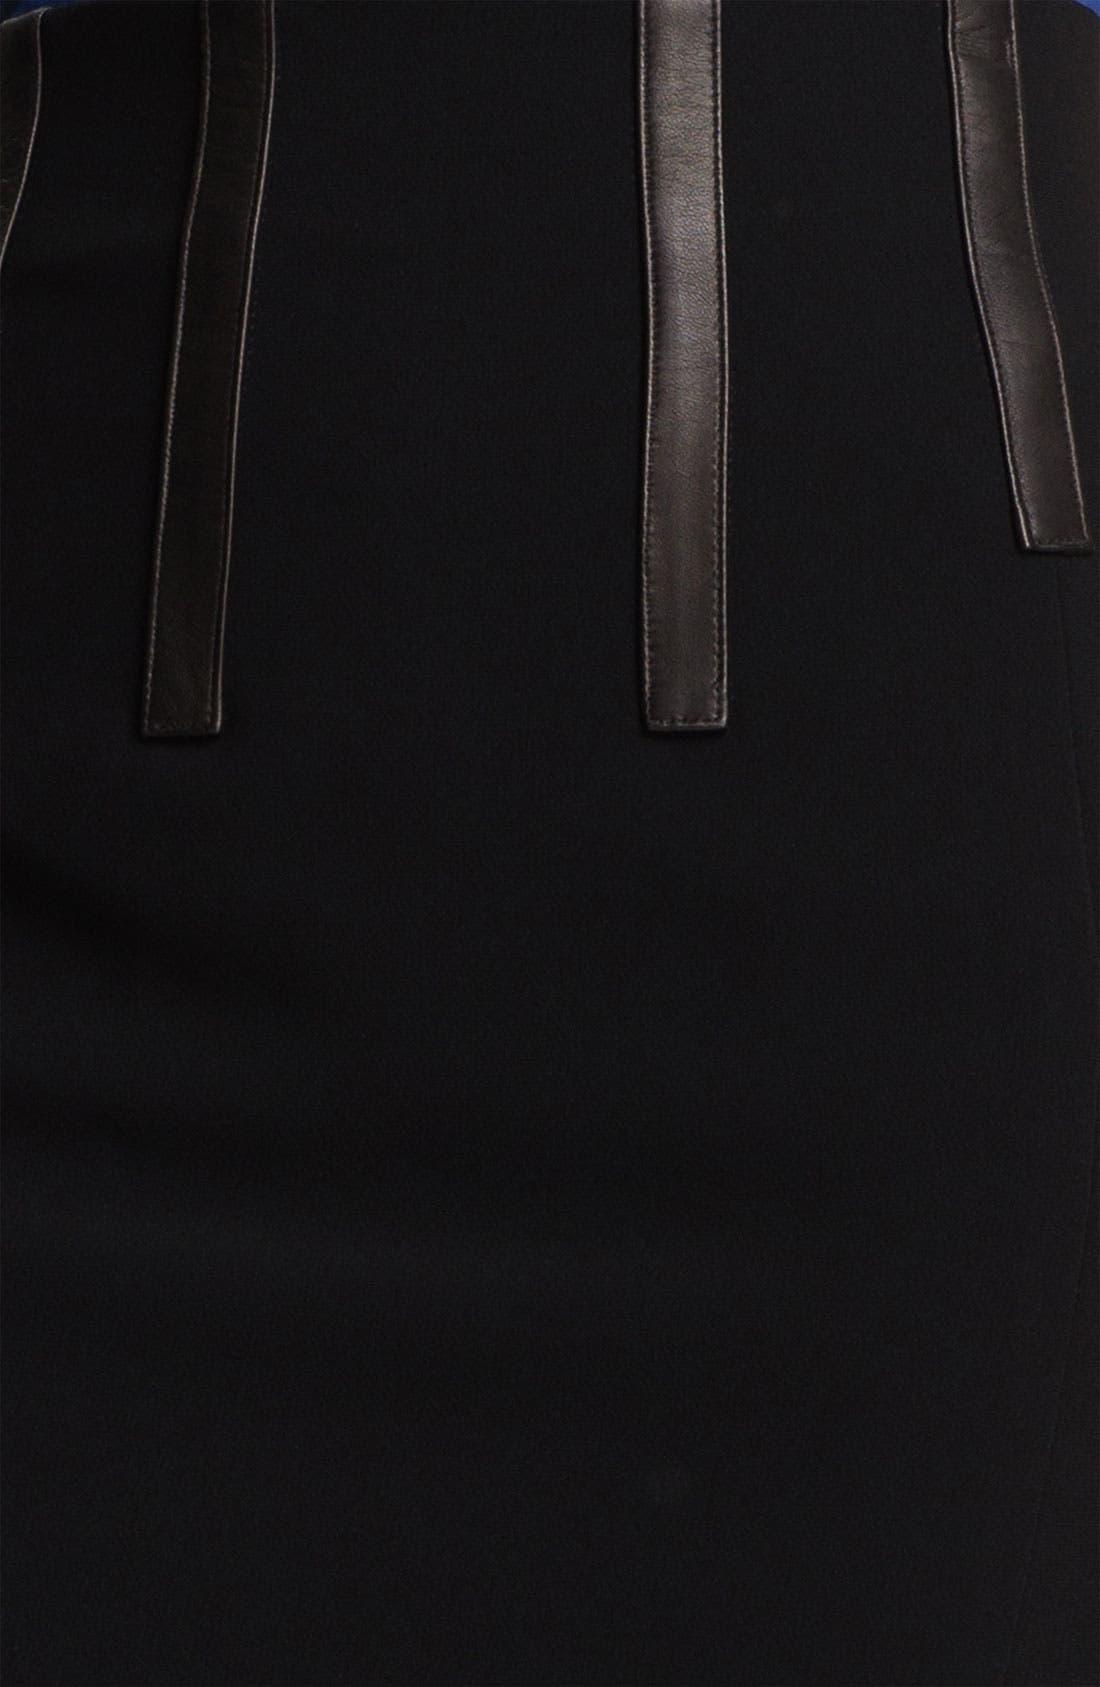 Alternate Image 3  - rag & bone 'Imogen' Leather Trim Skirt